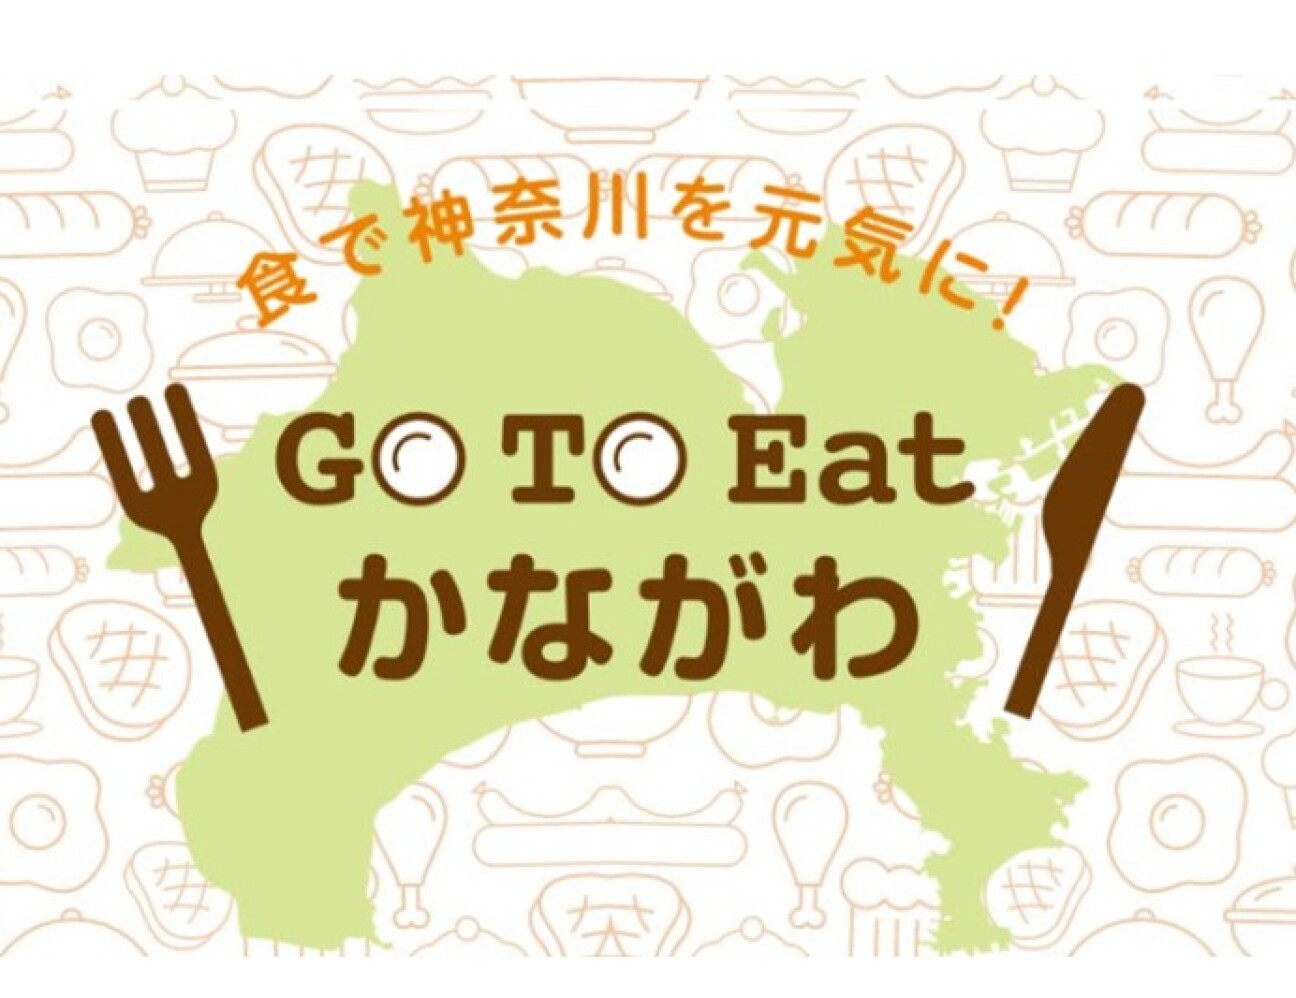 To サイゼリア eat go ファミリーレストラン(ガスト/サイゼリア/ロイヤルホスト)でGotoEat(イート)Web予約はできる?食事券が使えるかもまとめ